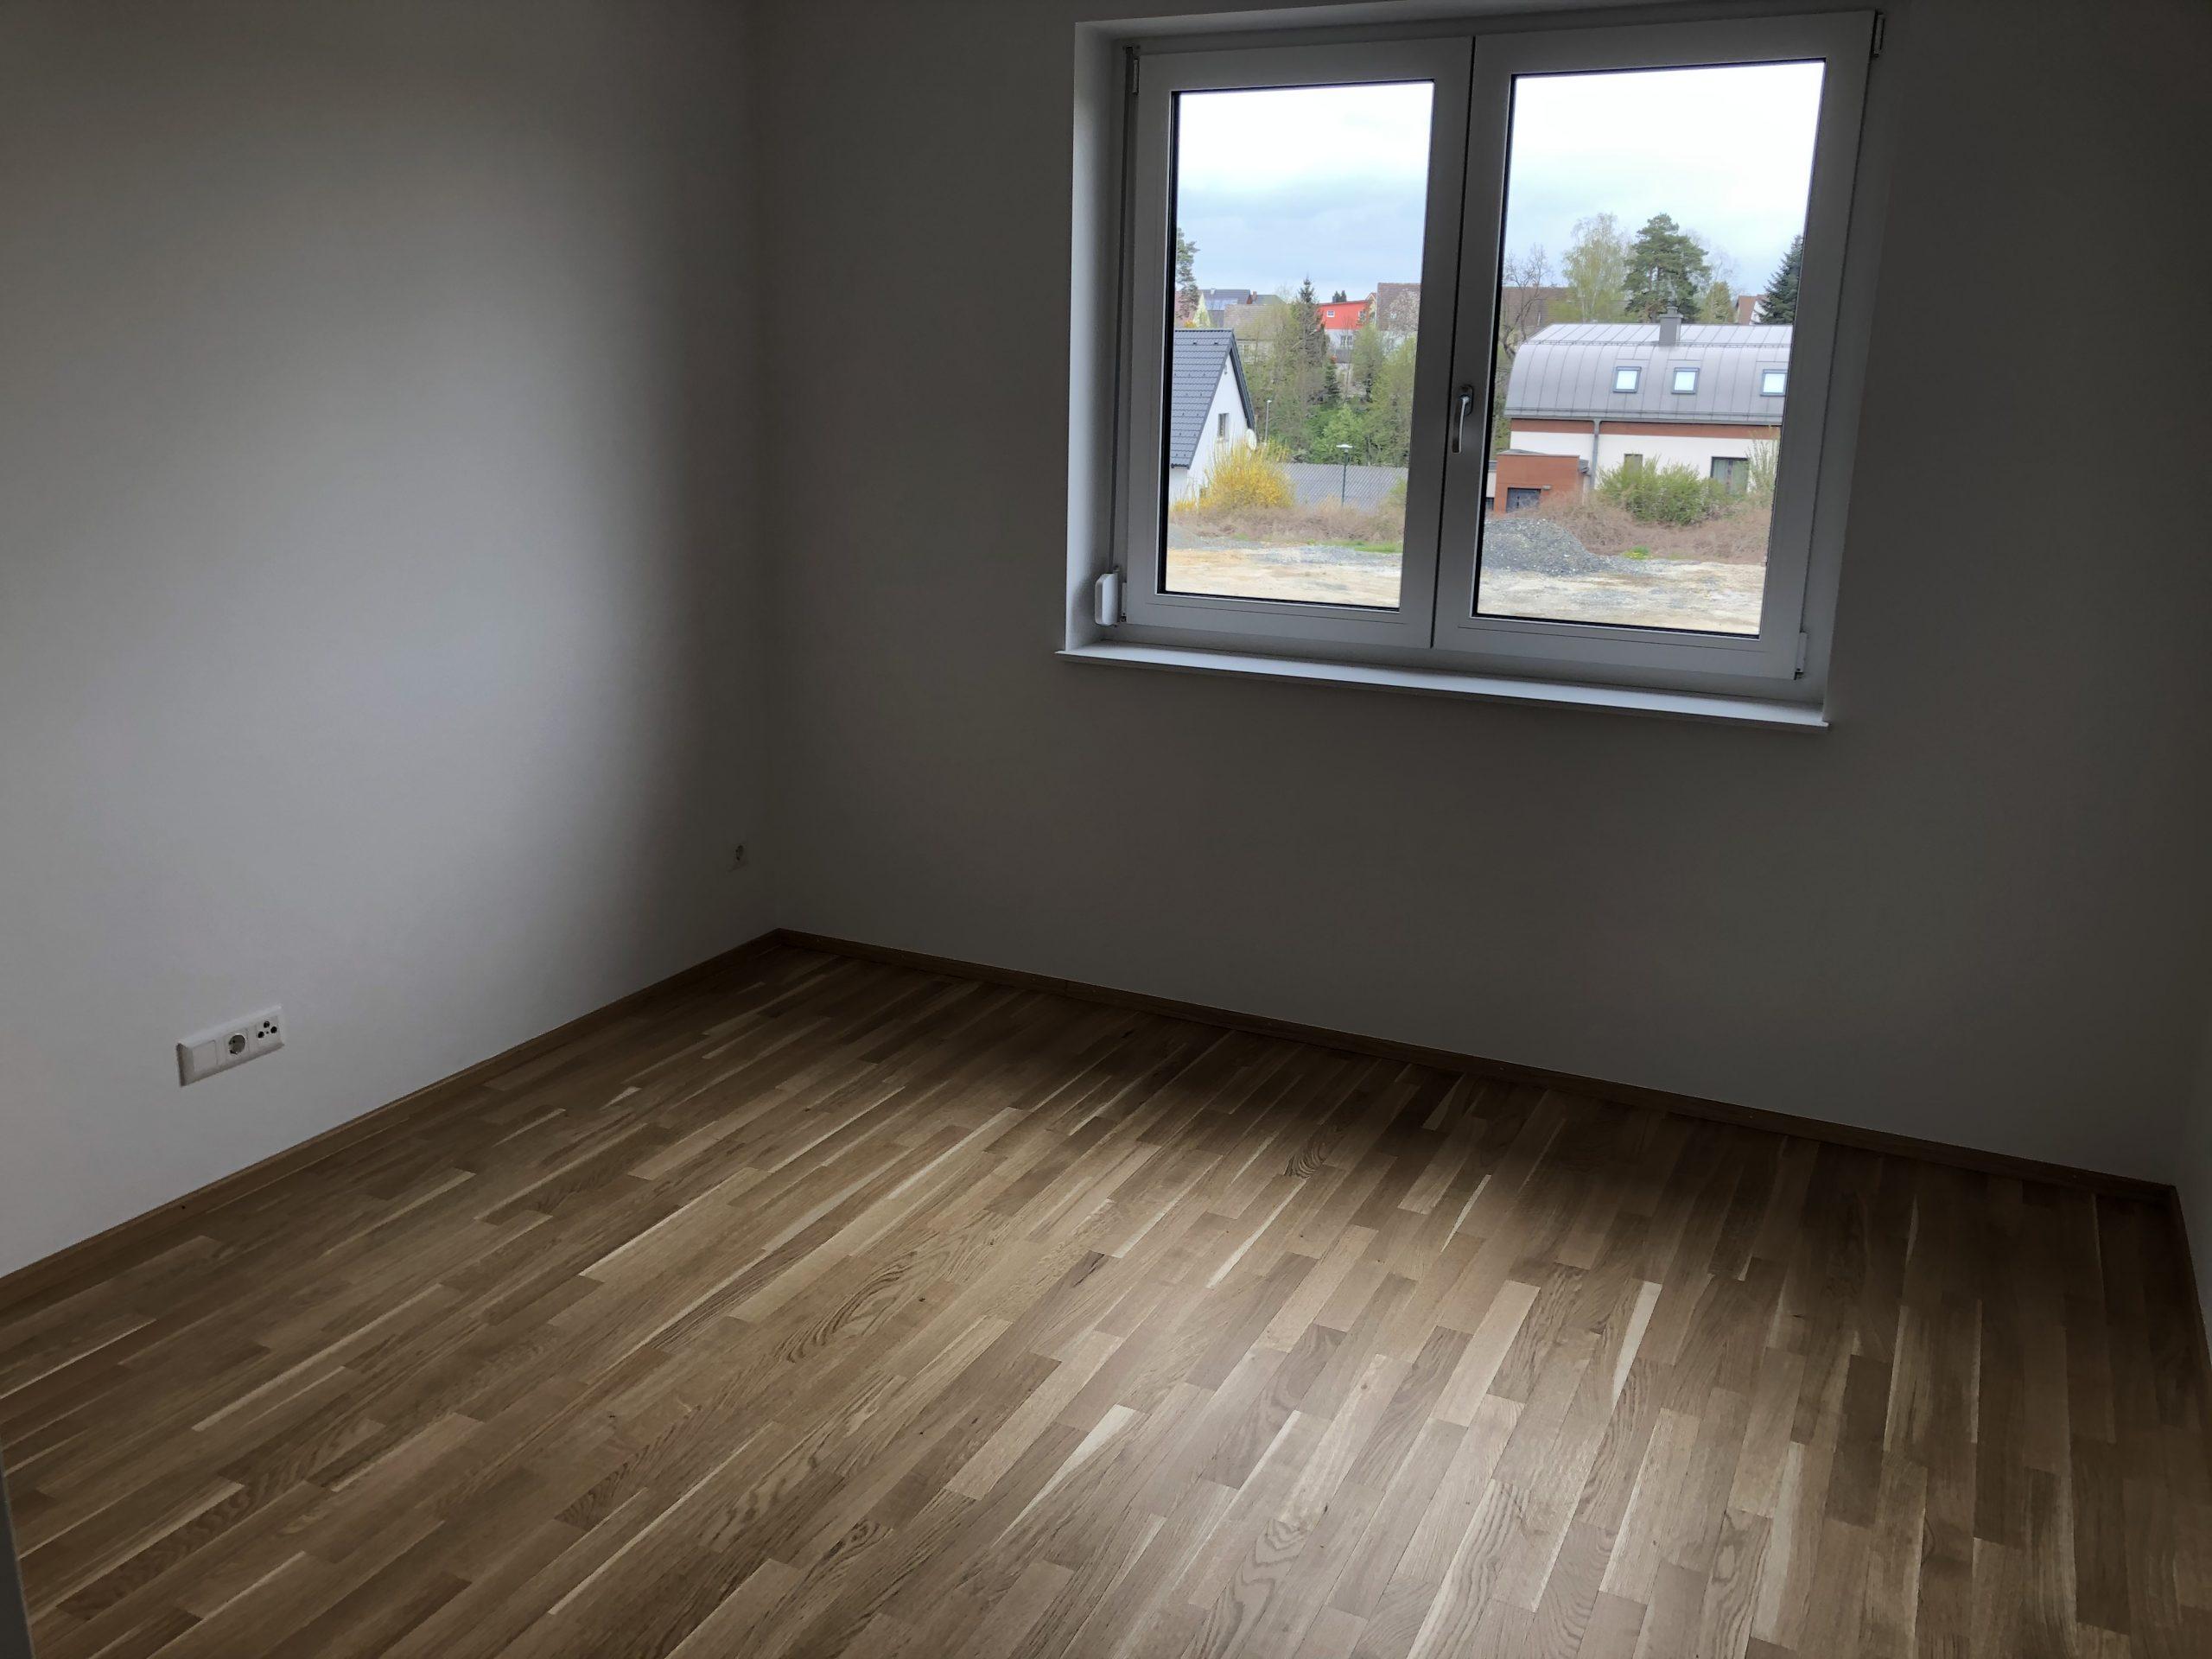 Immobilie von Kamptal in 3830 Waidhofen an der Thaya, Waidhofen an der Thaya, Waidhofen/Thaya II/1 - Top 3 #8